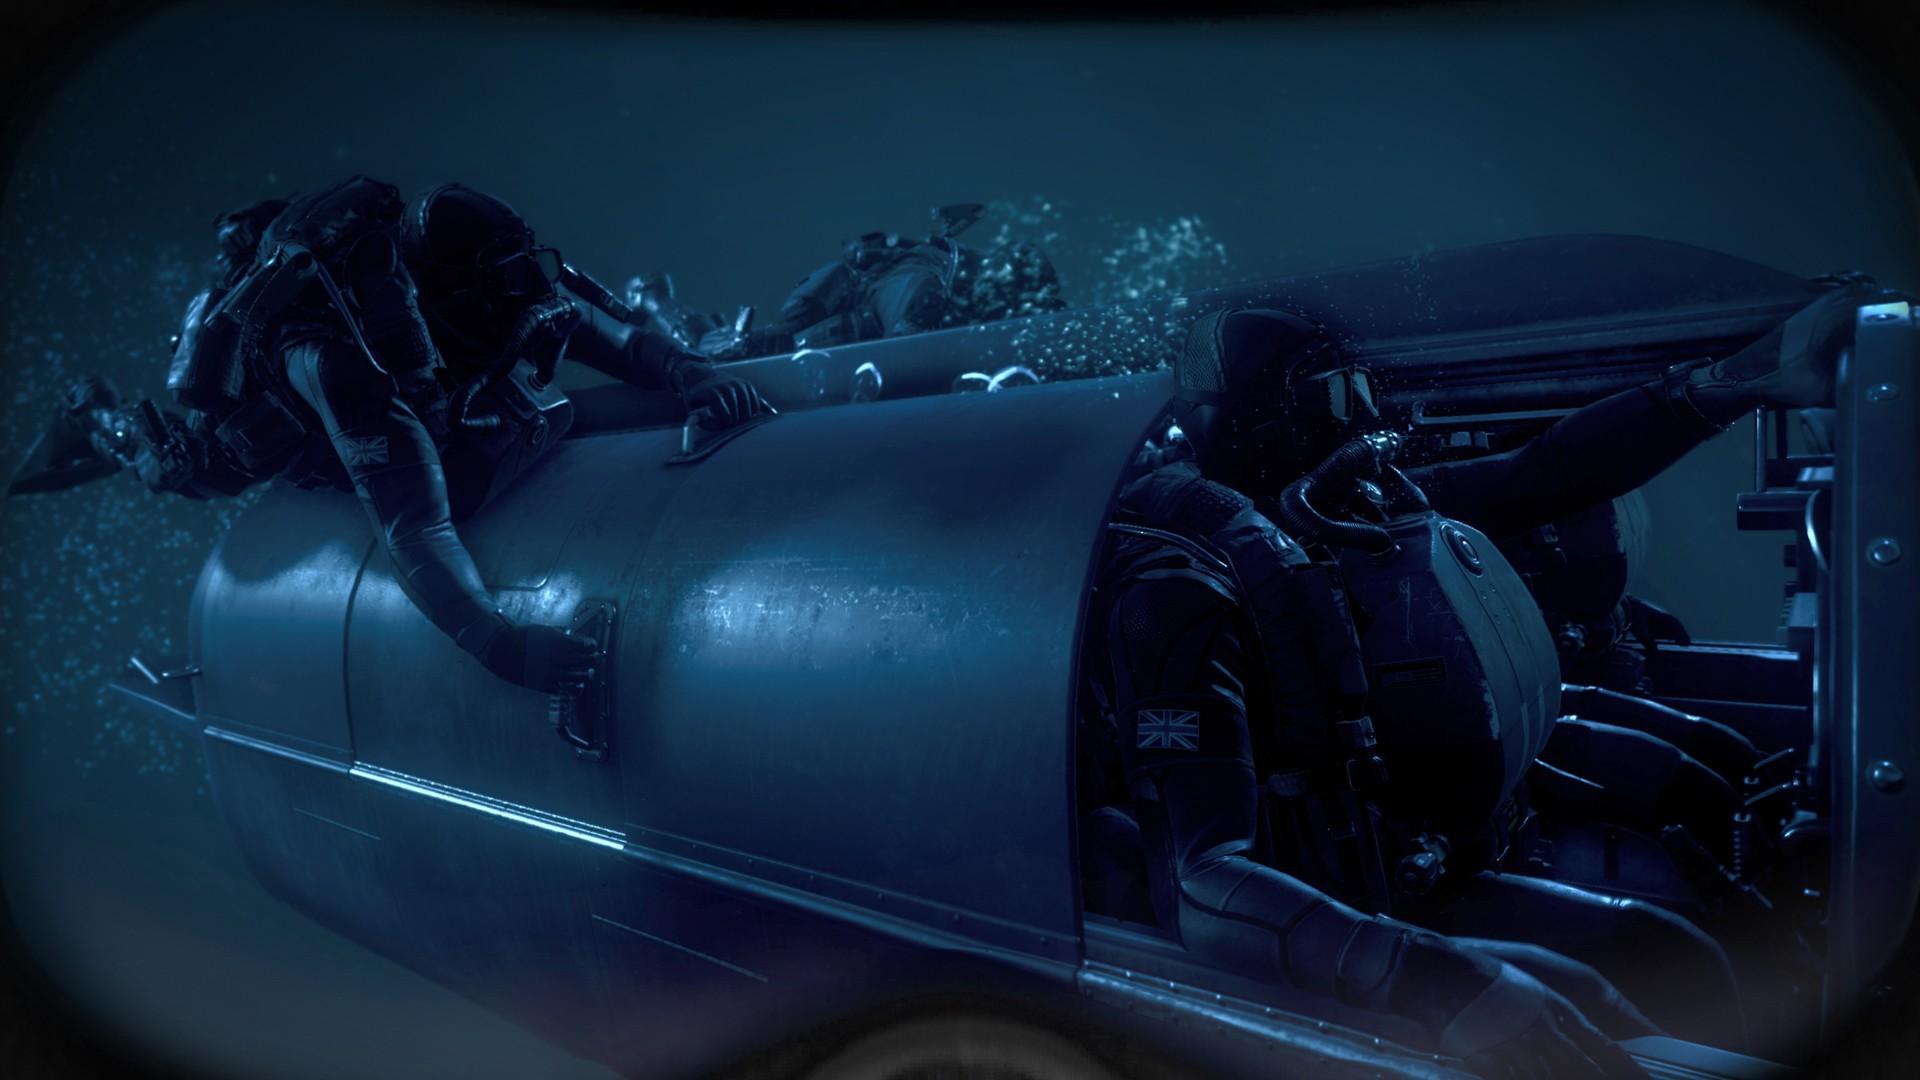 《使命召唤6:现代战争2重制版》全收集图文攻略 全关卡电脑情报收集位置